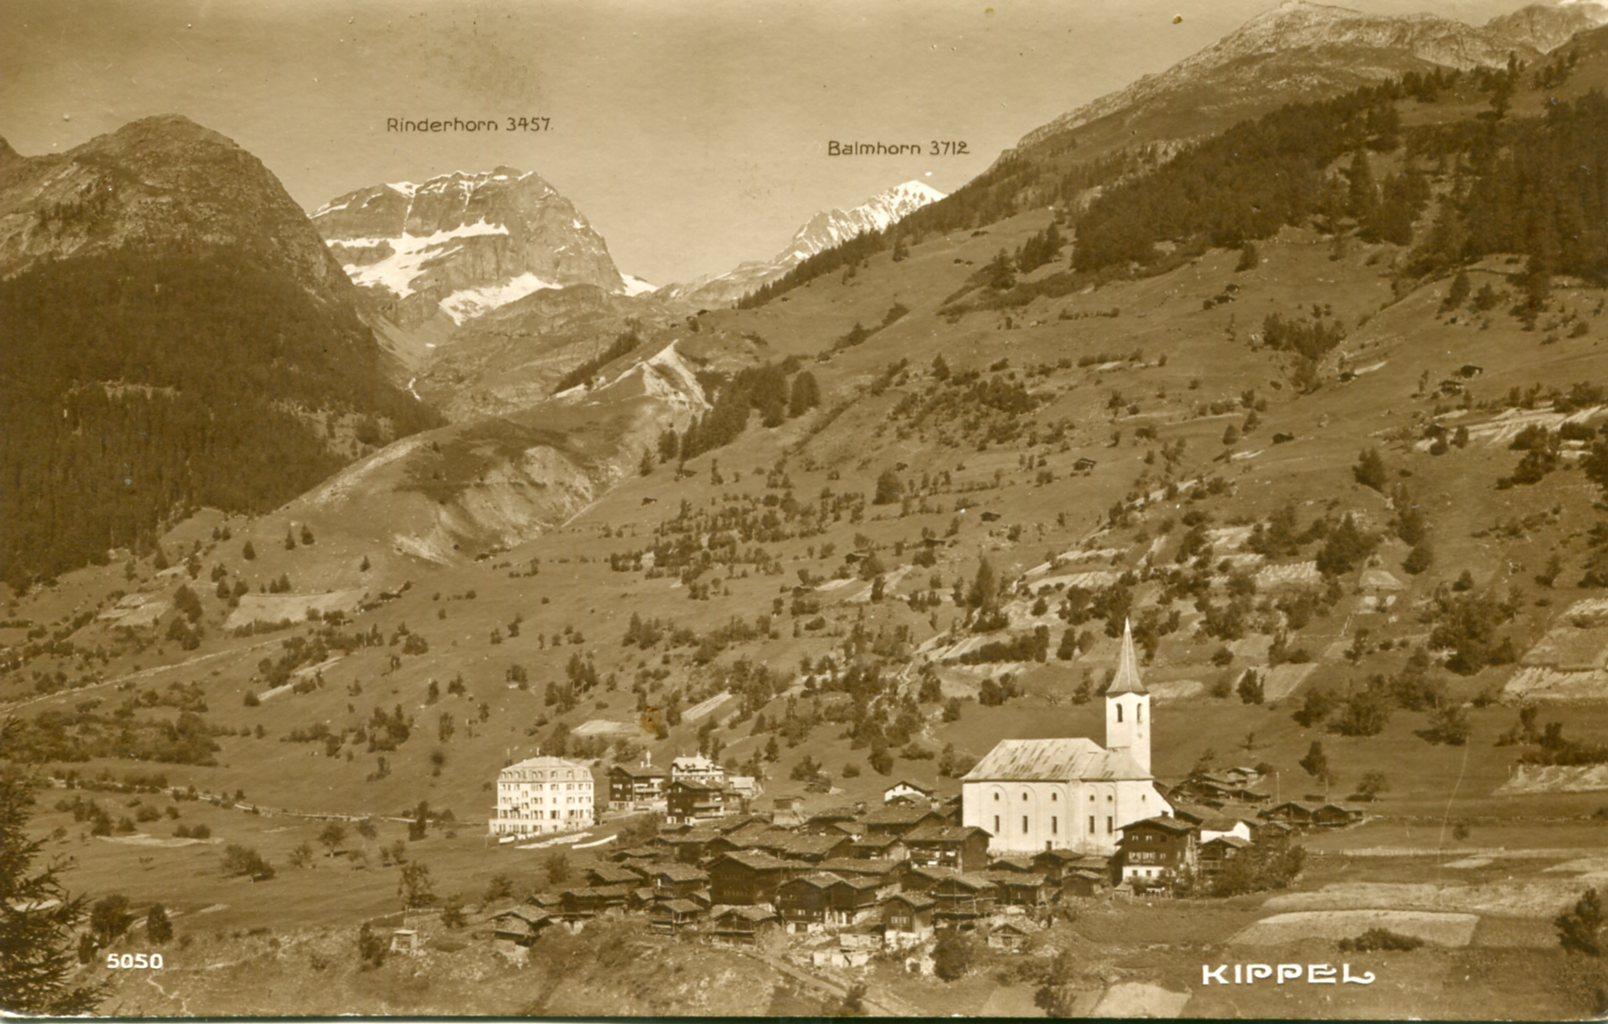 Le village de Kippel